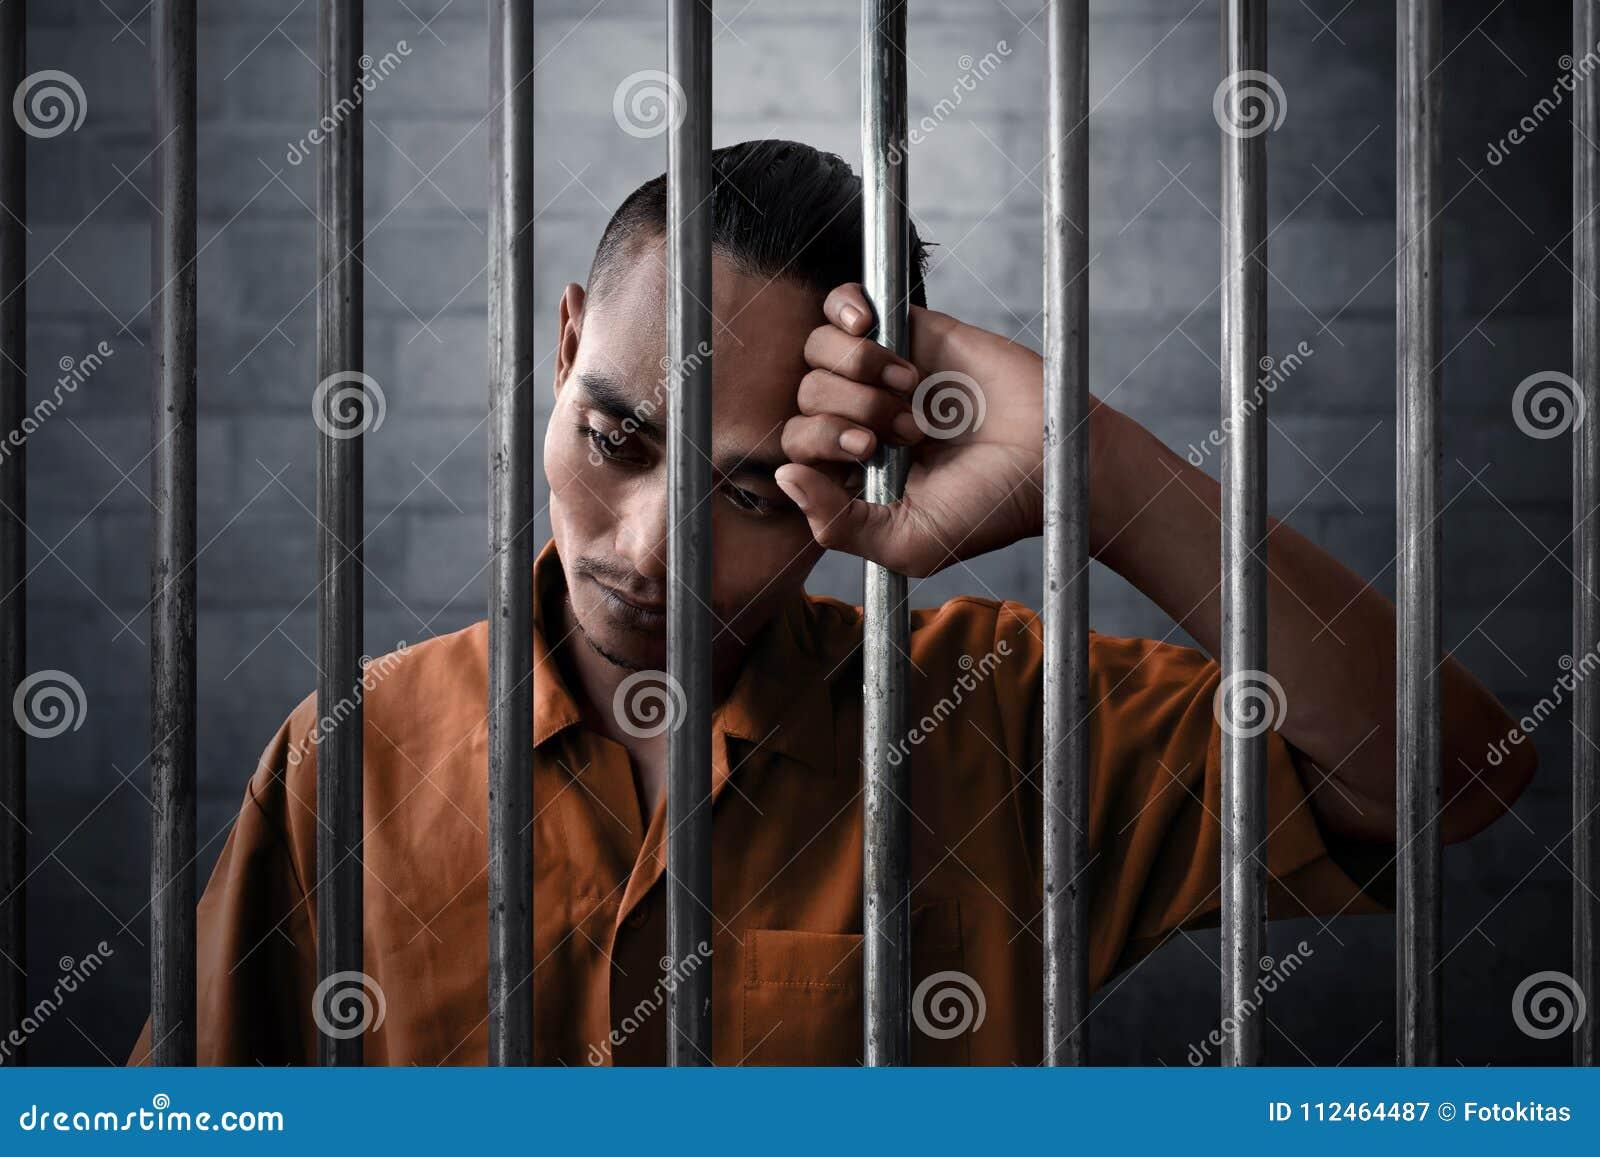 Trauriger Ausdruck des Mannes im Gefängnis